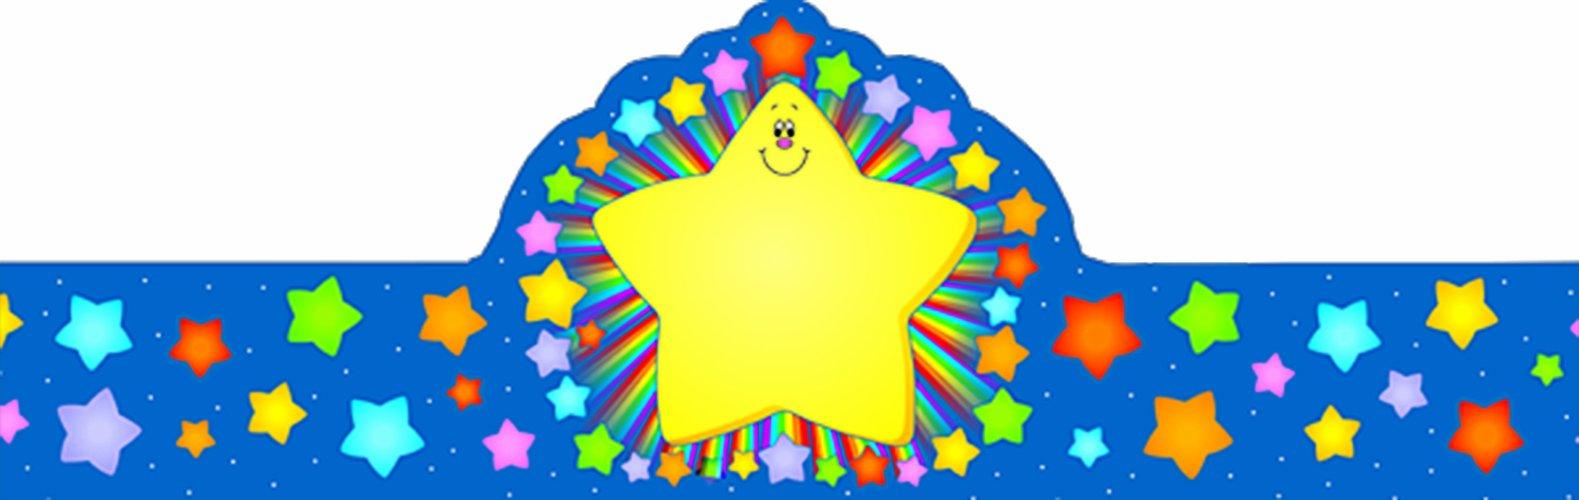 Carson Dellosa Rainbow Star Crowns (0234)